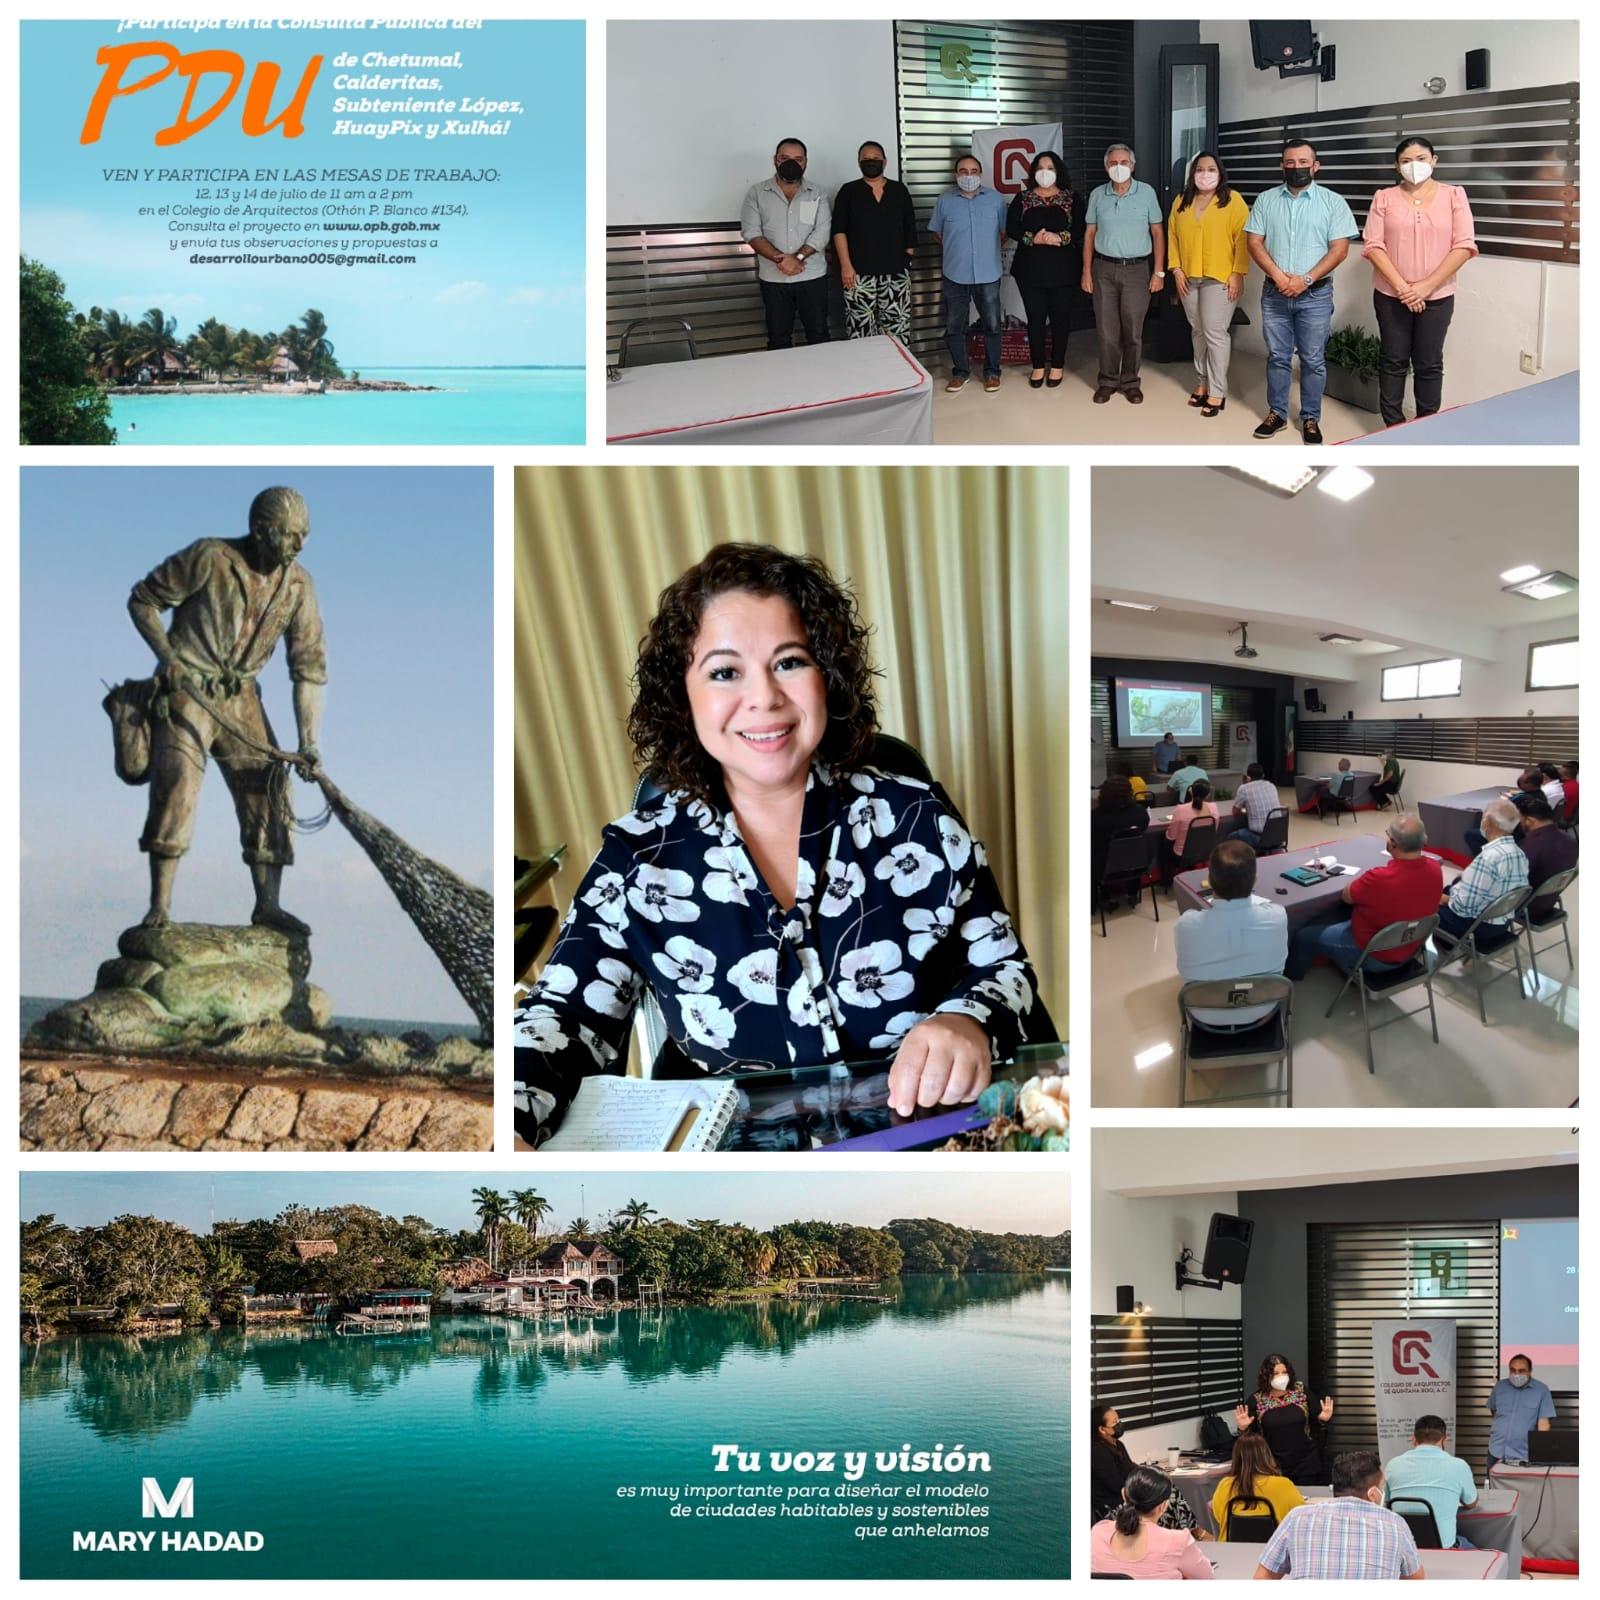 Destaca Mary Hadad participación ciudadana en consulta para integrar Programa de Desarrollo Urbano